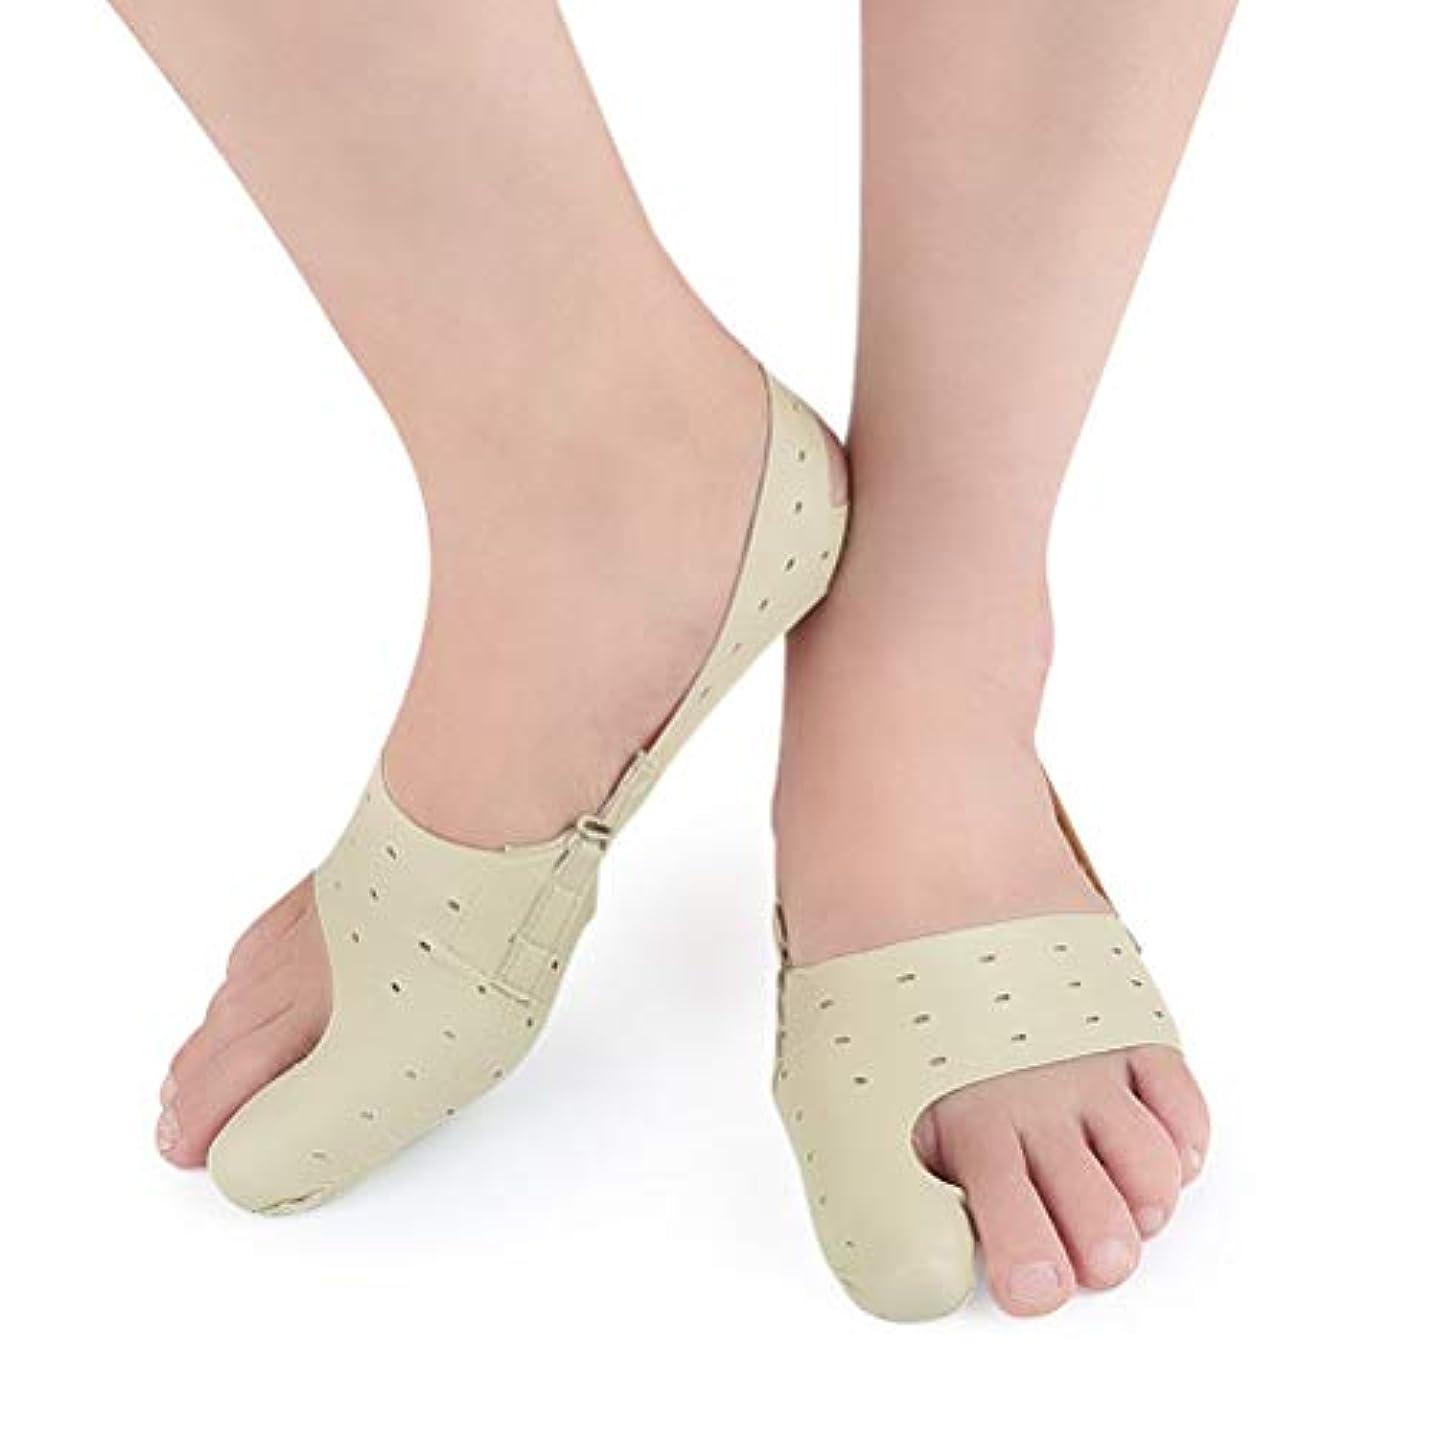 普遍的な先入観の間でHealifty 外反母趾 専用 バニオン パッド つま先セパレーター 矯正 親指矯正 トーセパレーター PUレザー 痛み緩和 フット 親指矯正 ユニセックス M 1ピース(ベージュ)